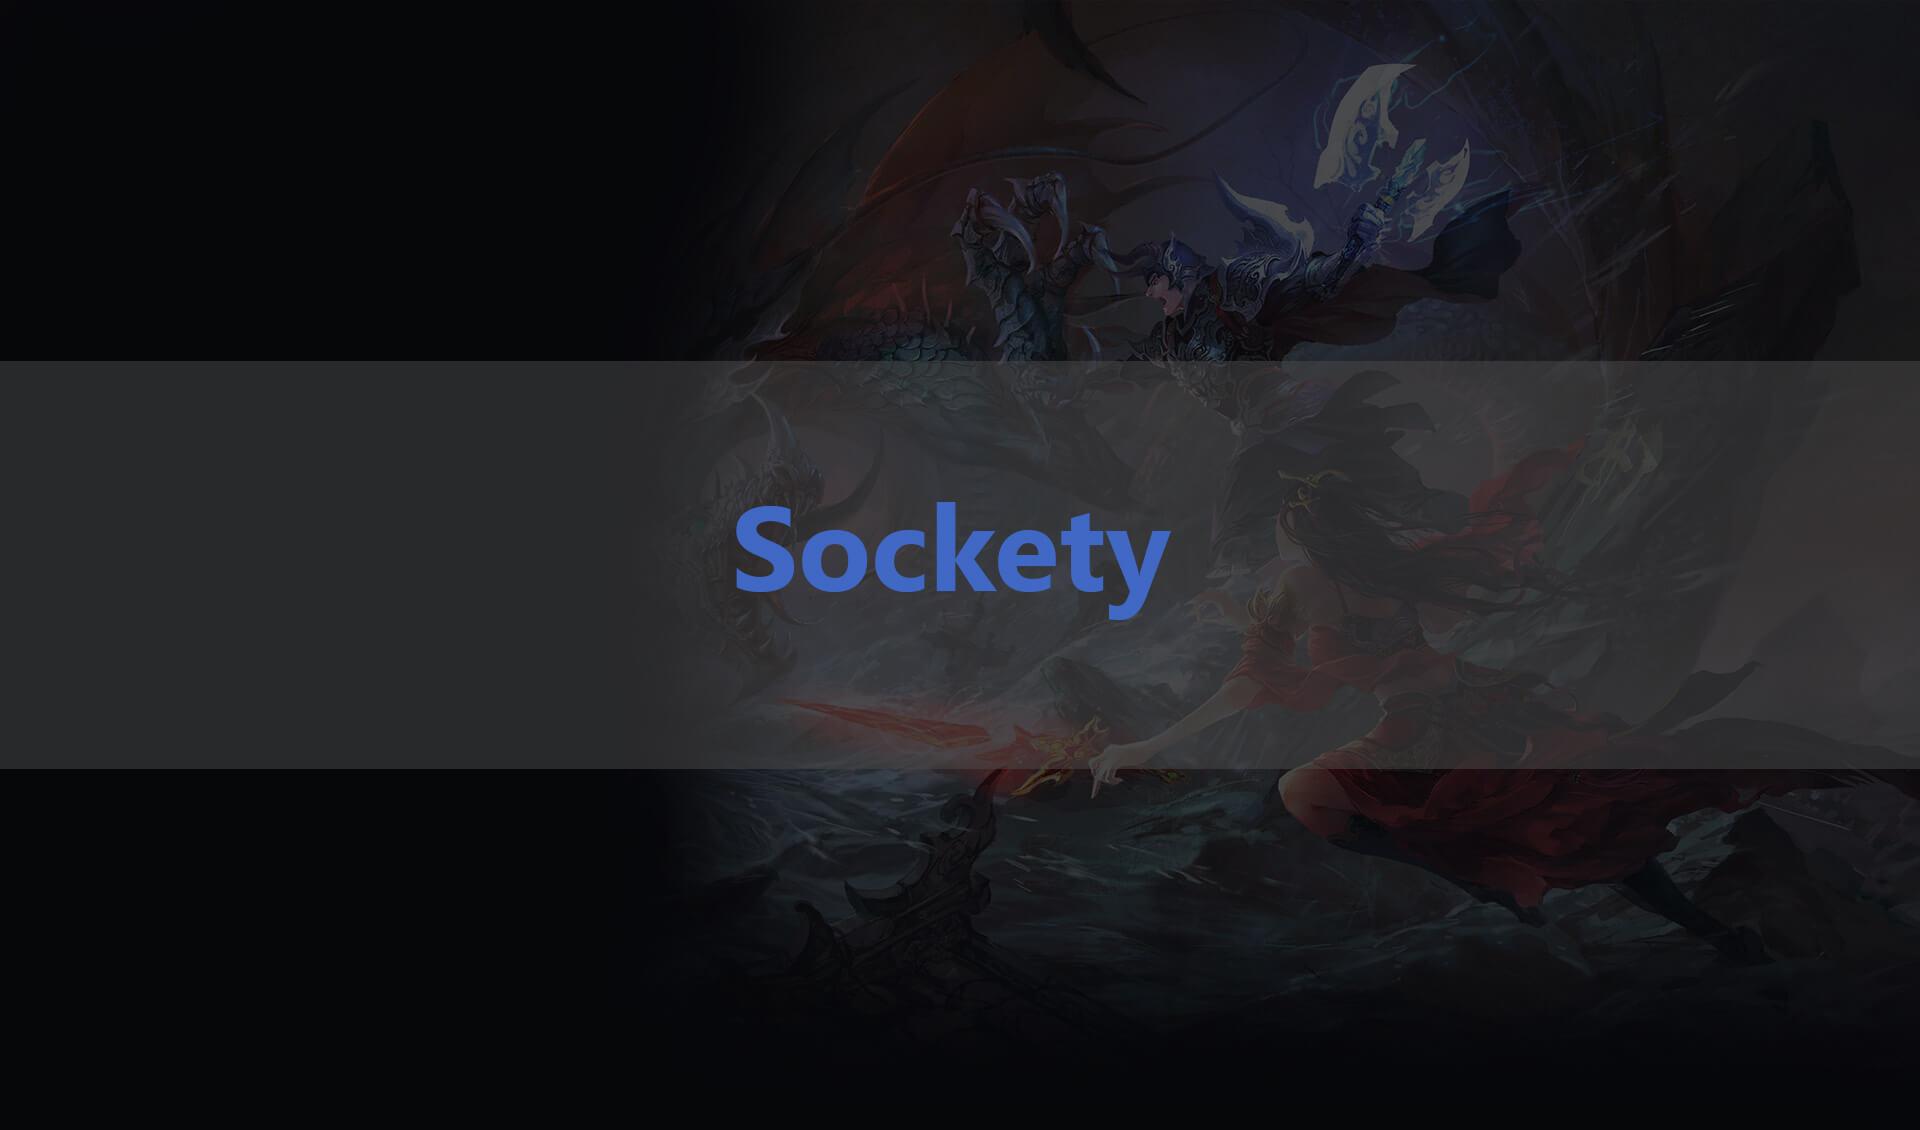 Sockety